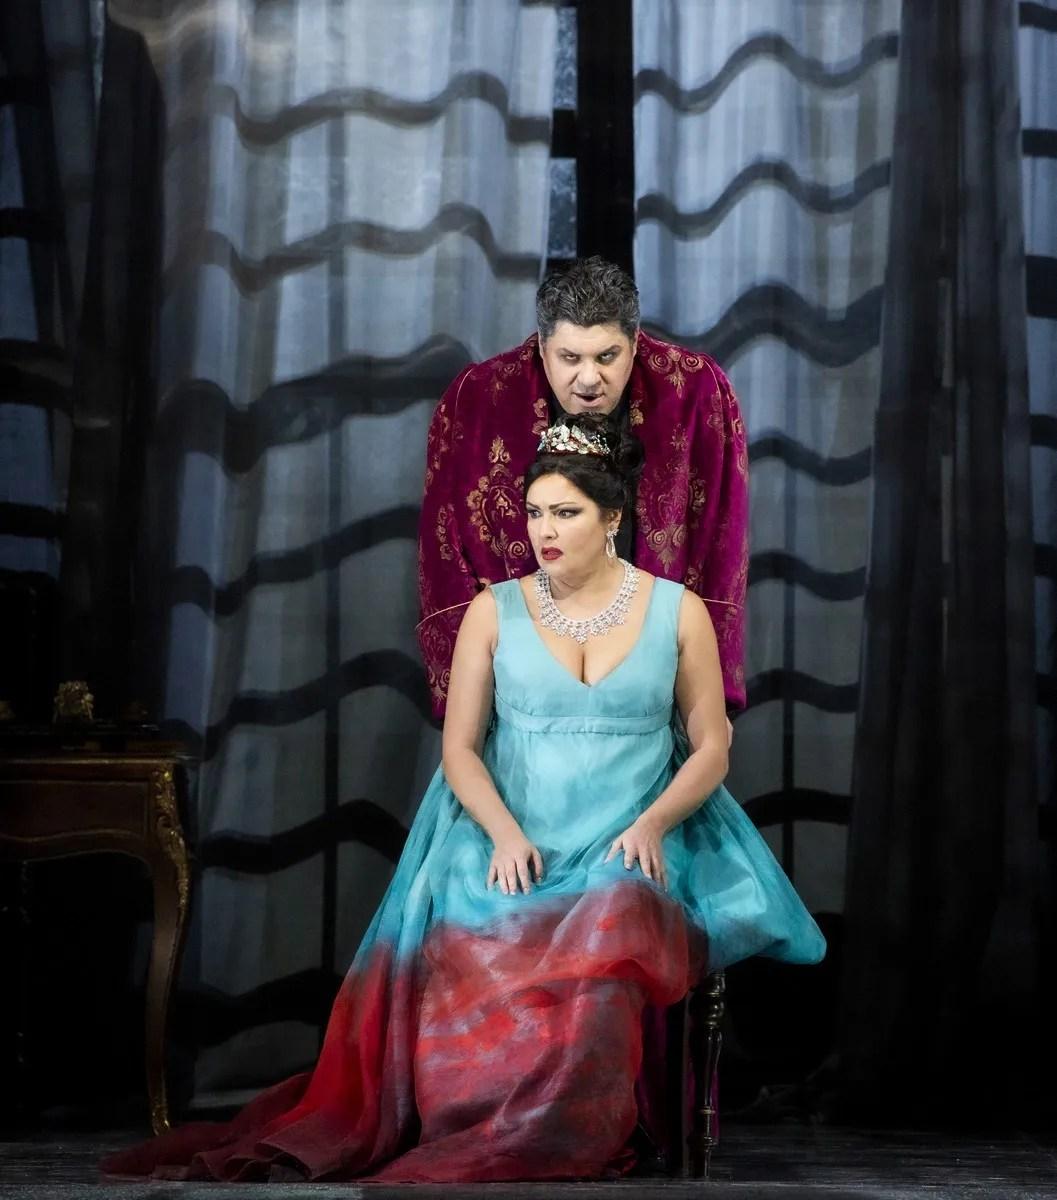 21 Tosca with Netrebko and Salsi, photo by Brescia e Amisano, Teatro alla Scala 2019